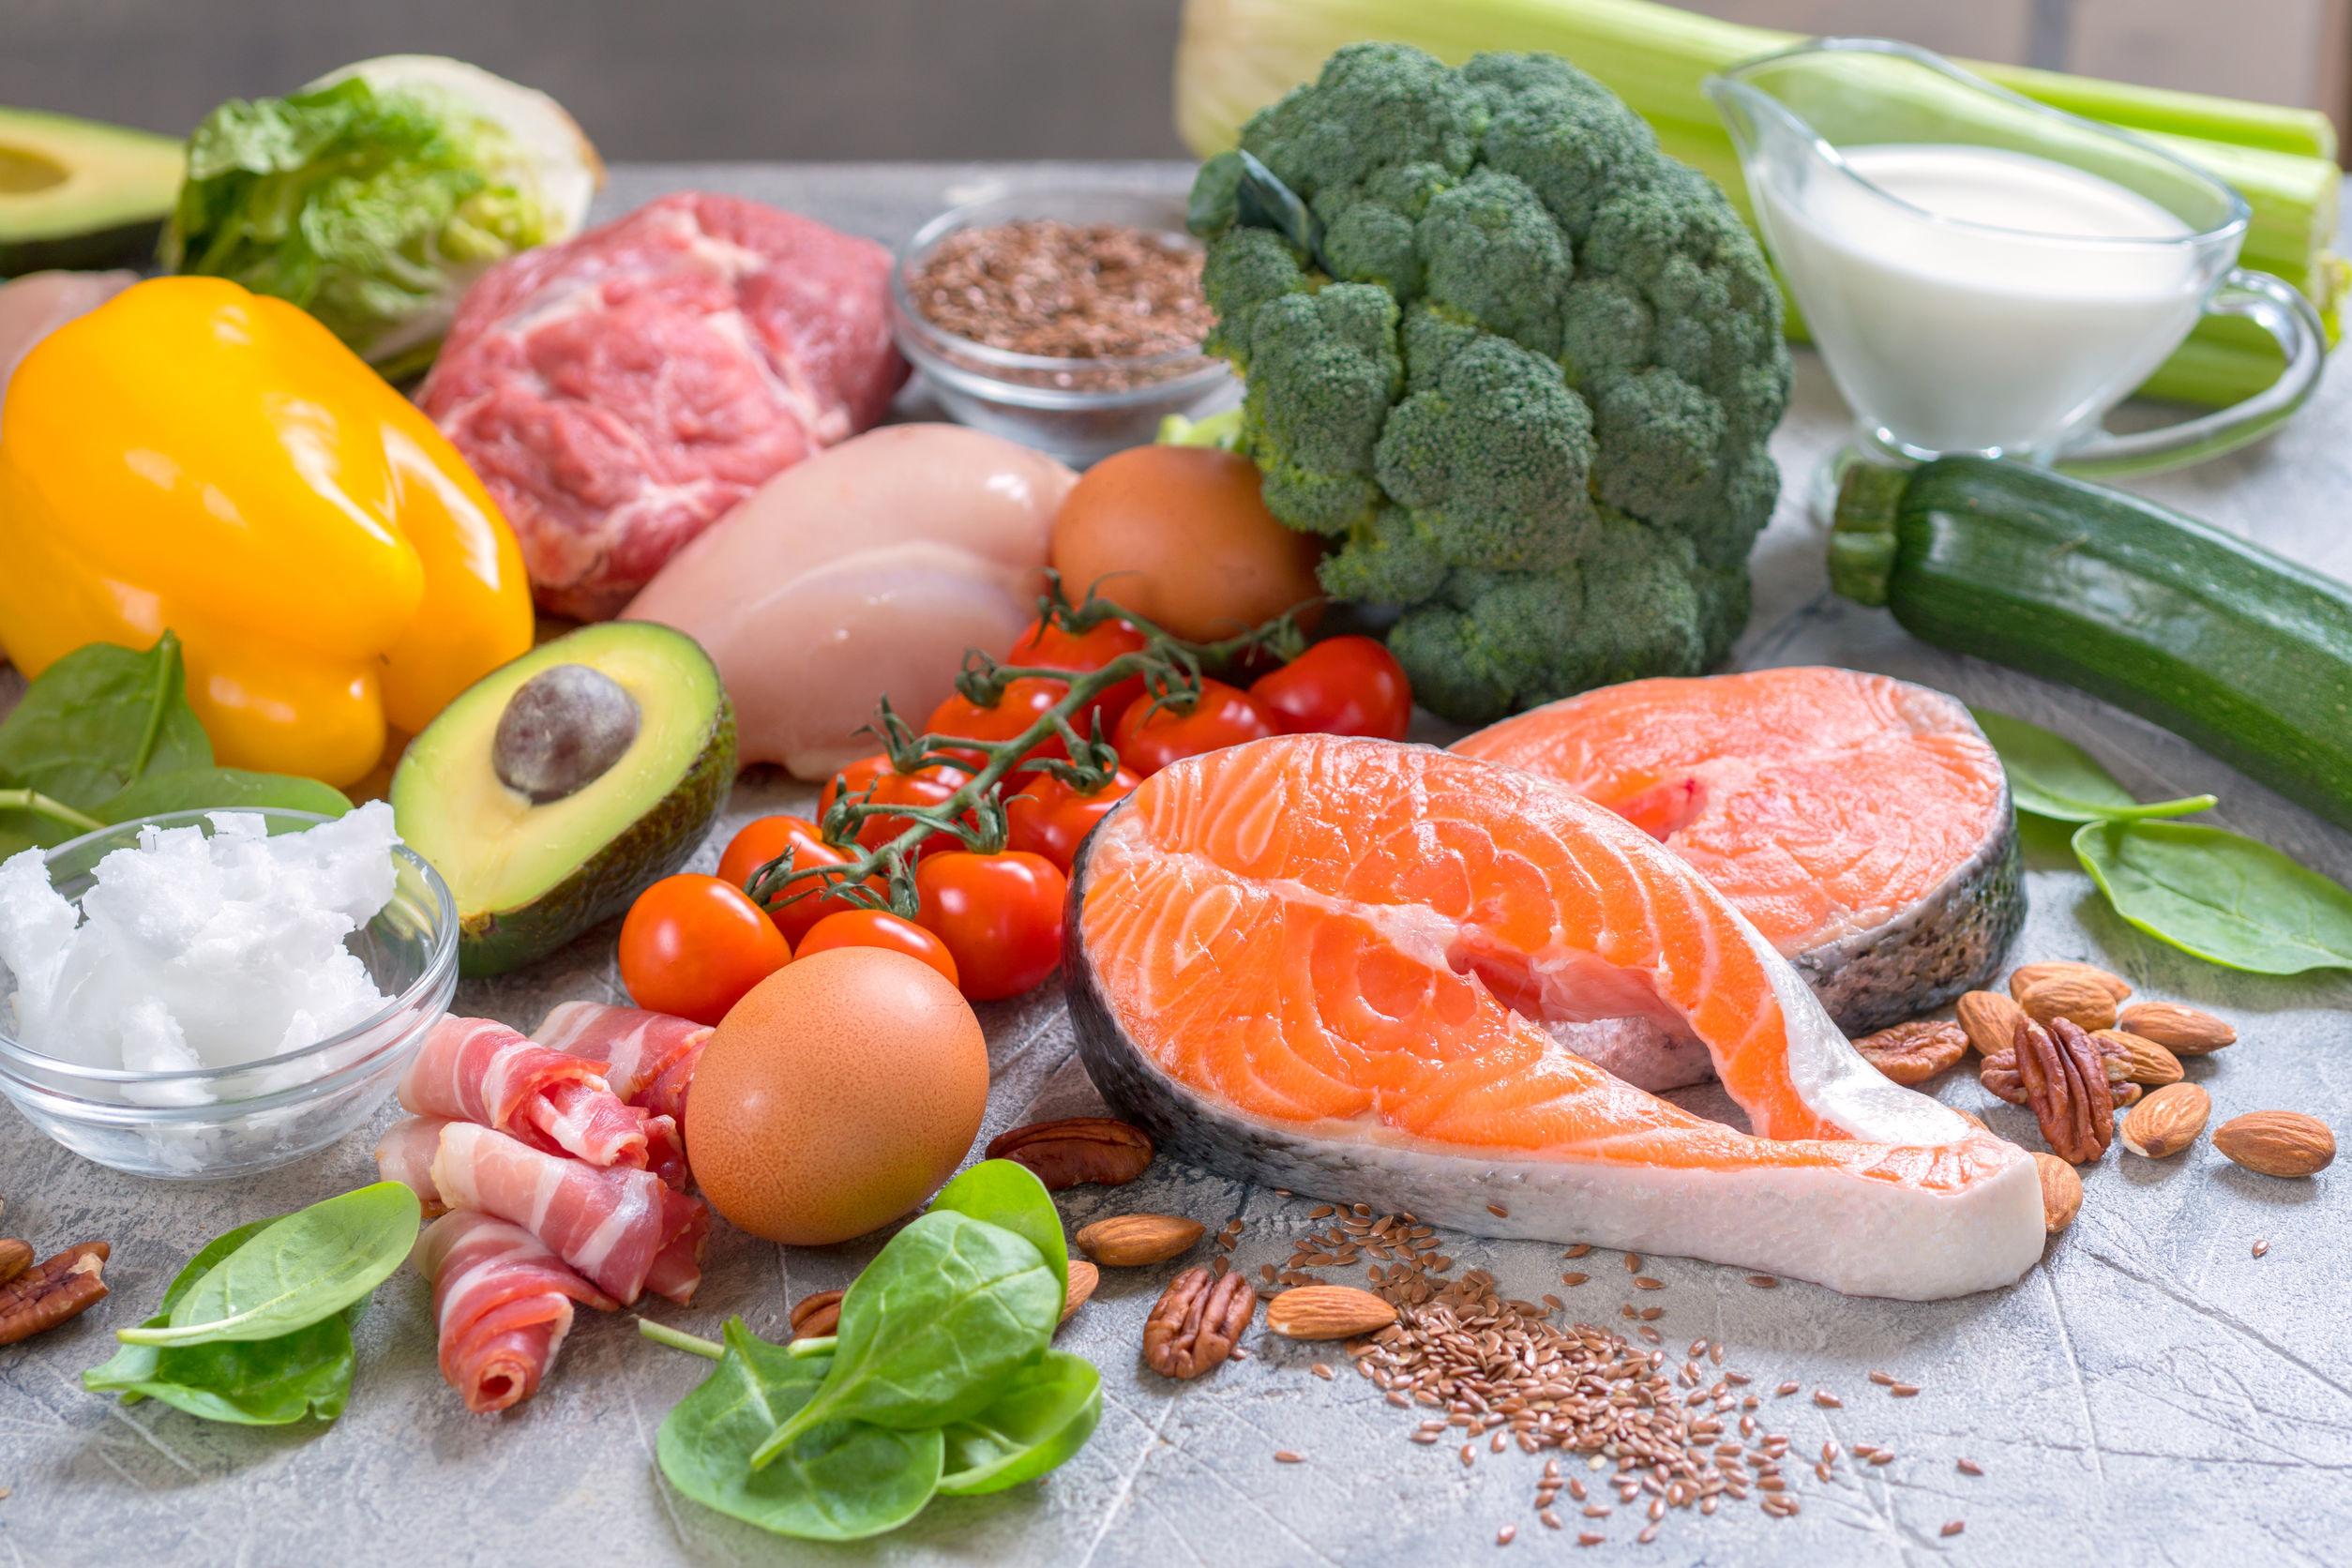 Dieta chetogenica: Cos'è e quali sono i suoi benefici?